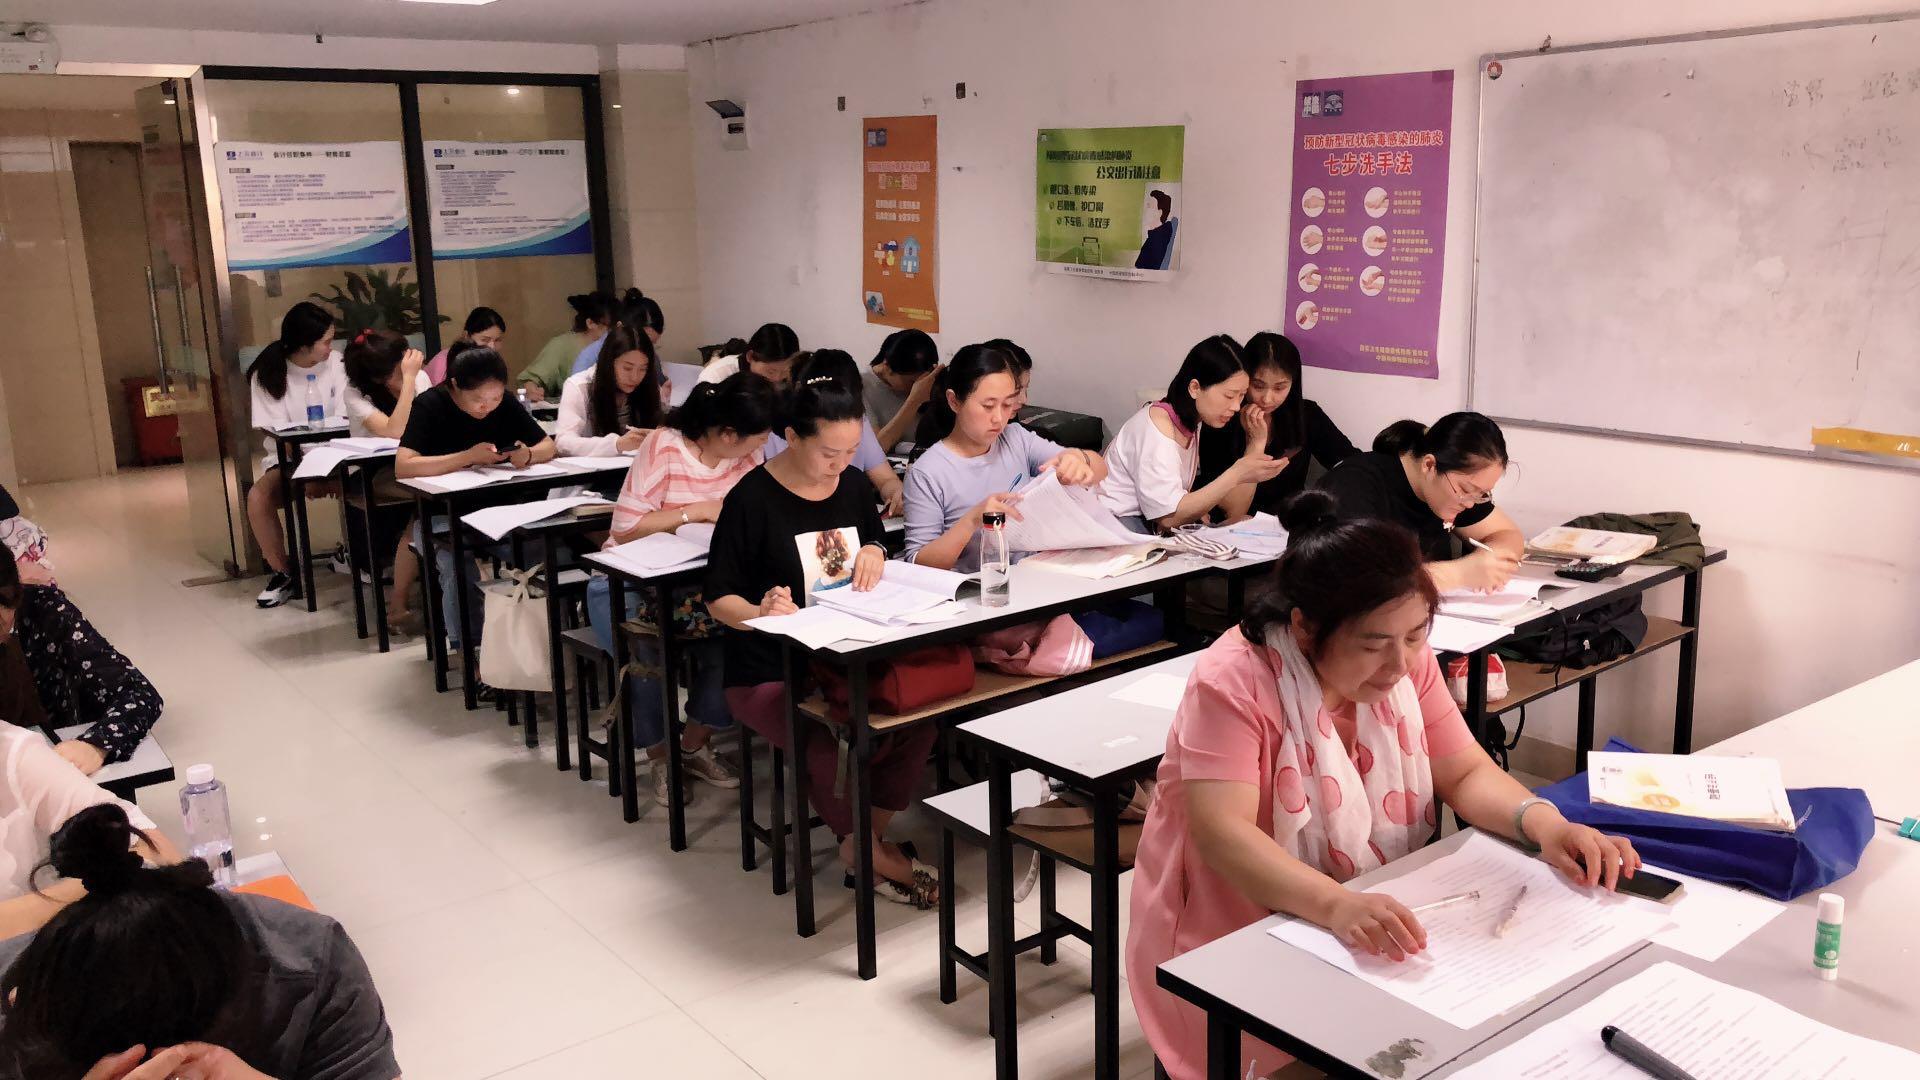 千赢国际网页手机登录学习会计考证会计实操到上元教育职业教育专业品牌